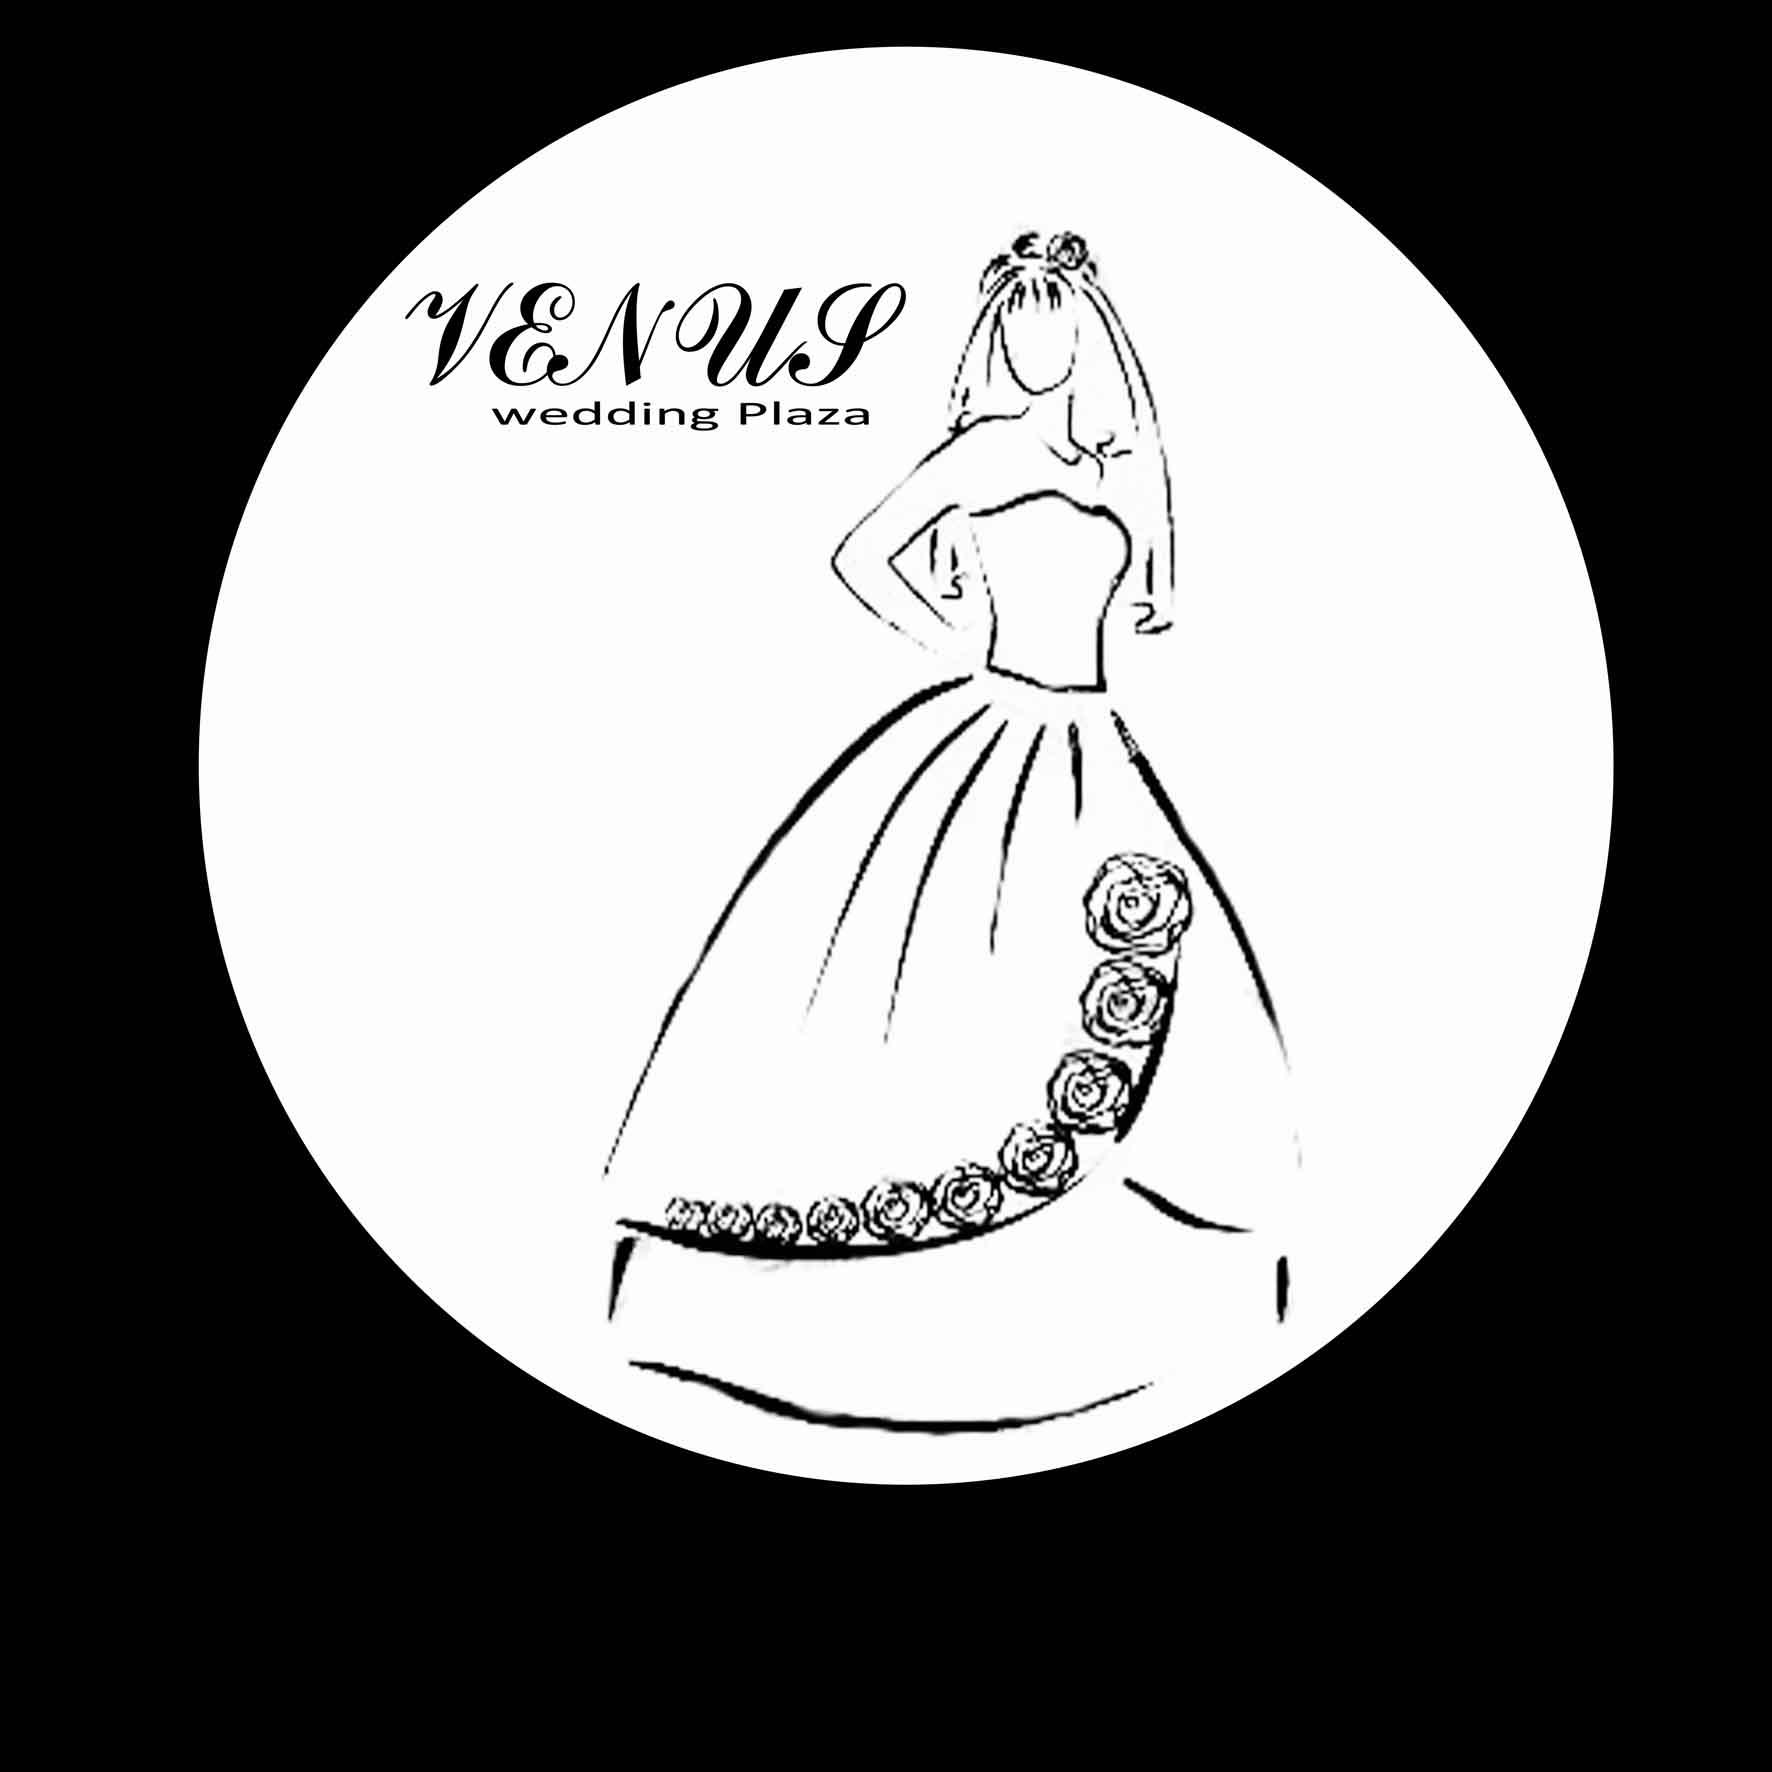 婚纱影楼logo及名片设计